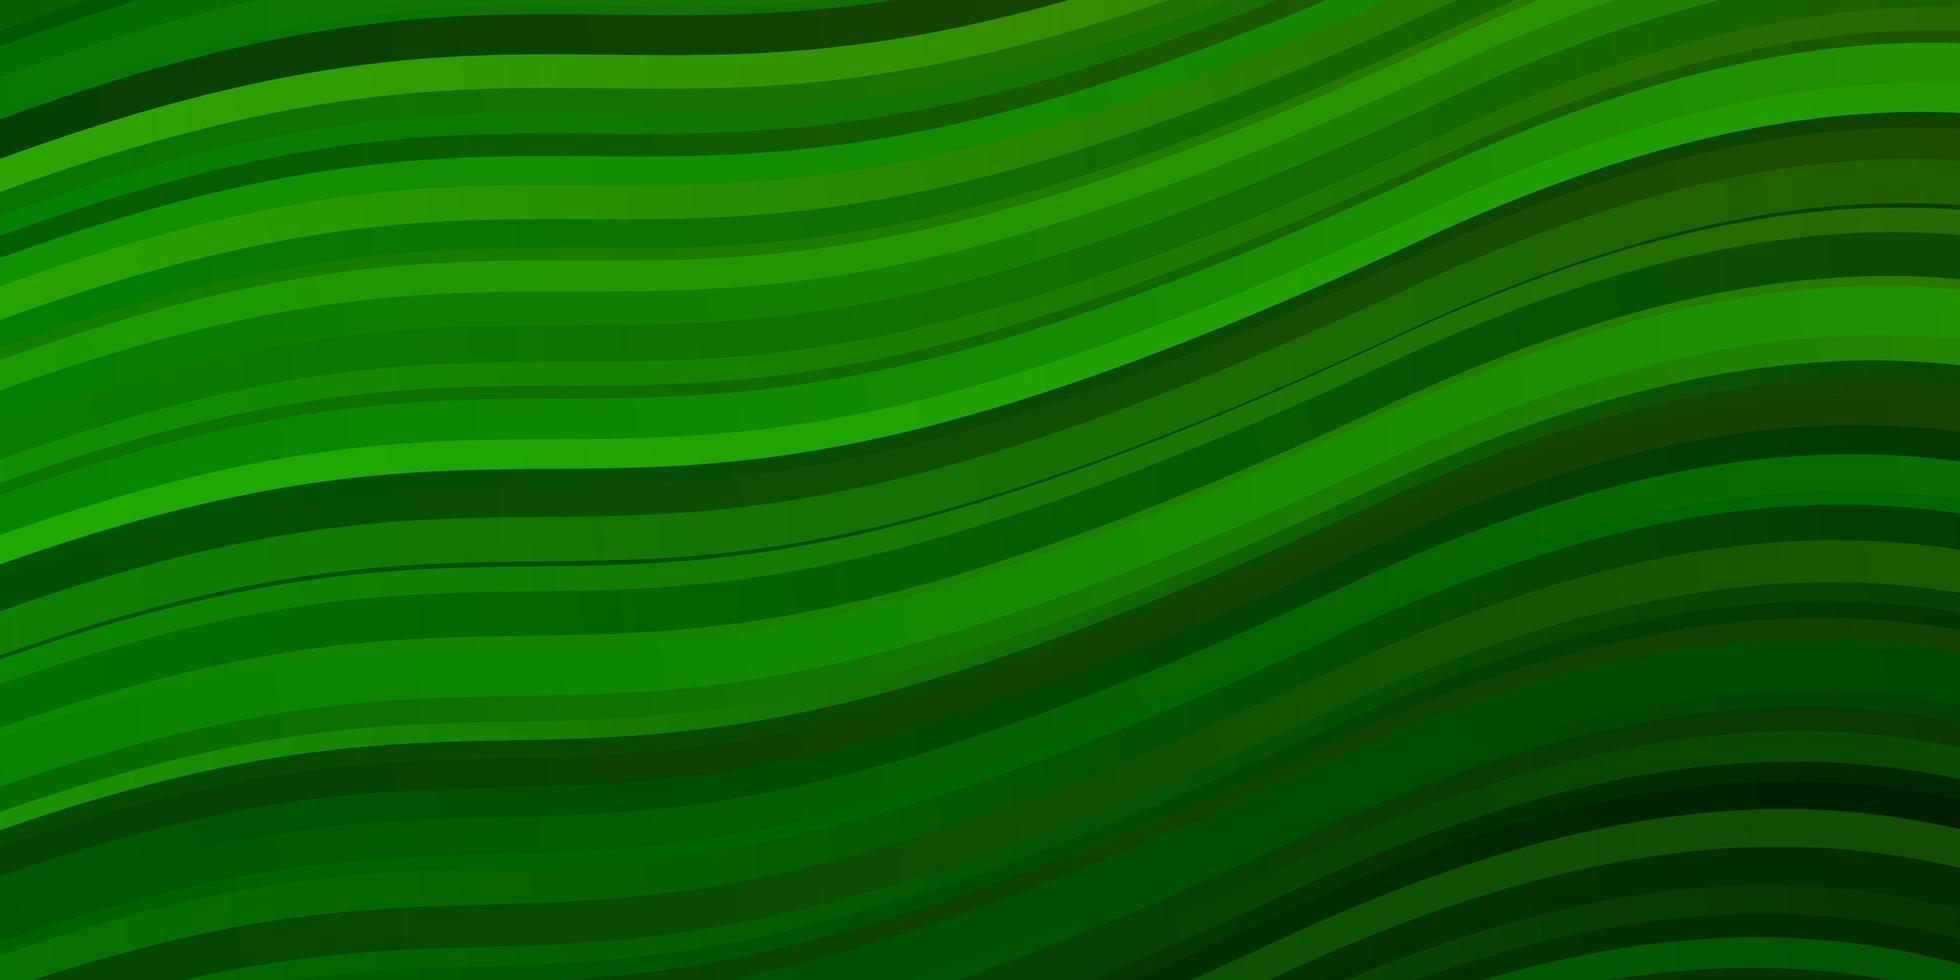 lichtgroen vectorpatroon met krommen. vector